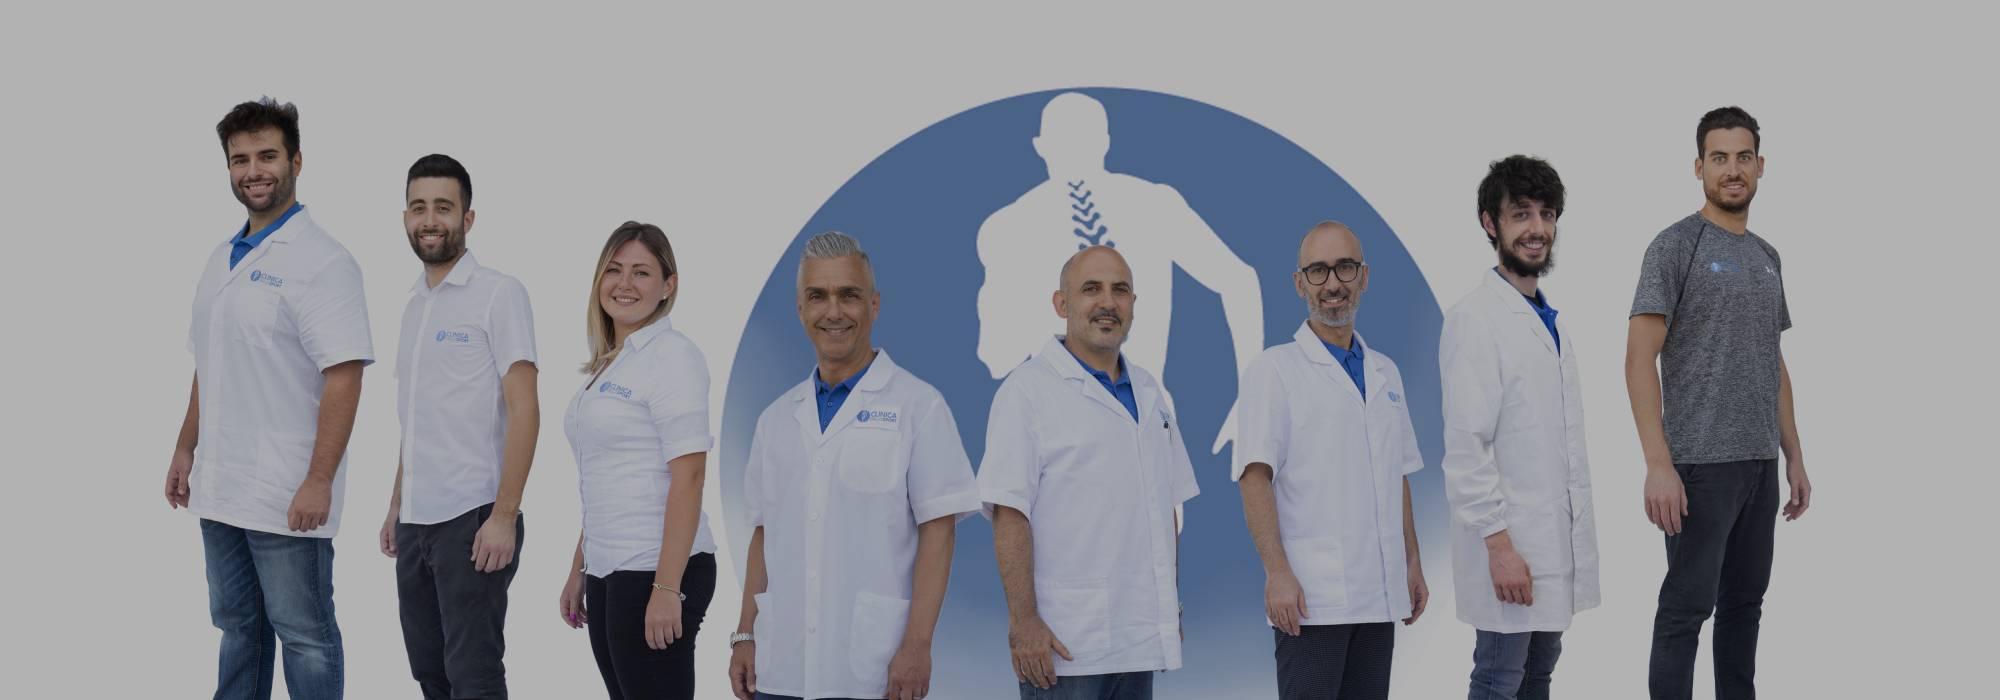 Fisioterapia a Foligno dal 1997